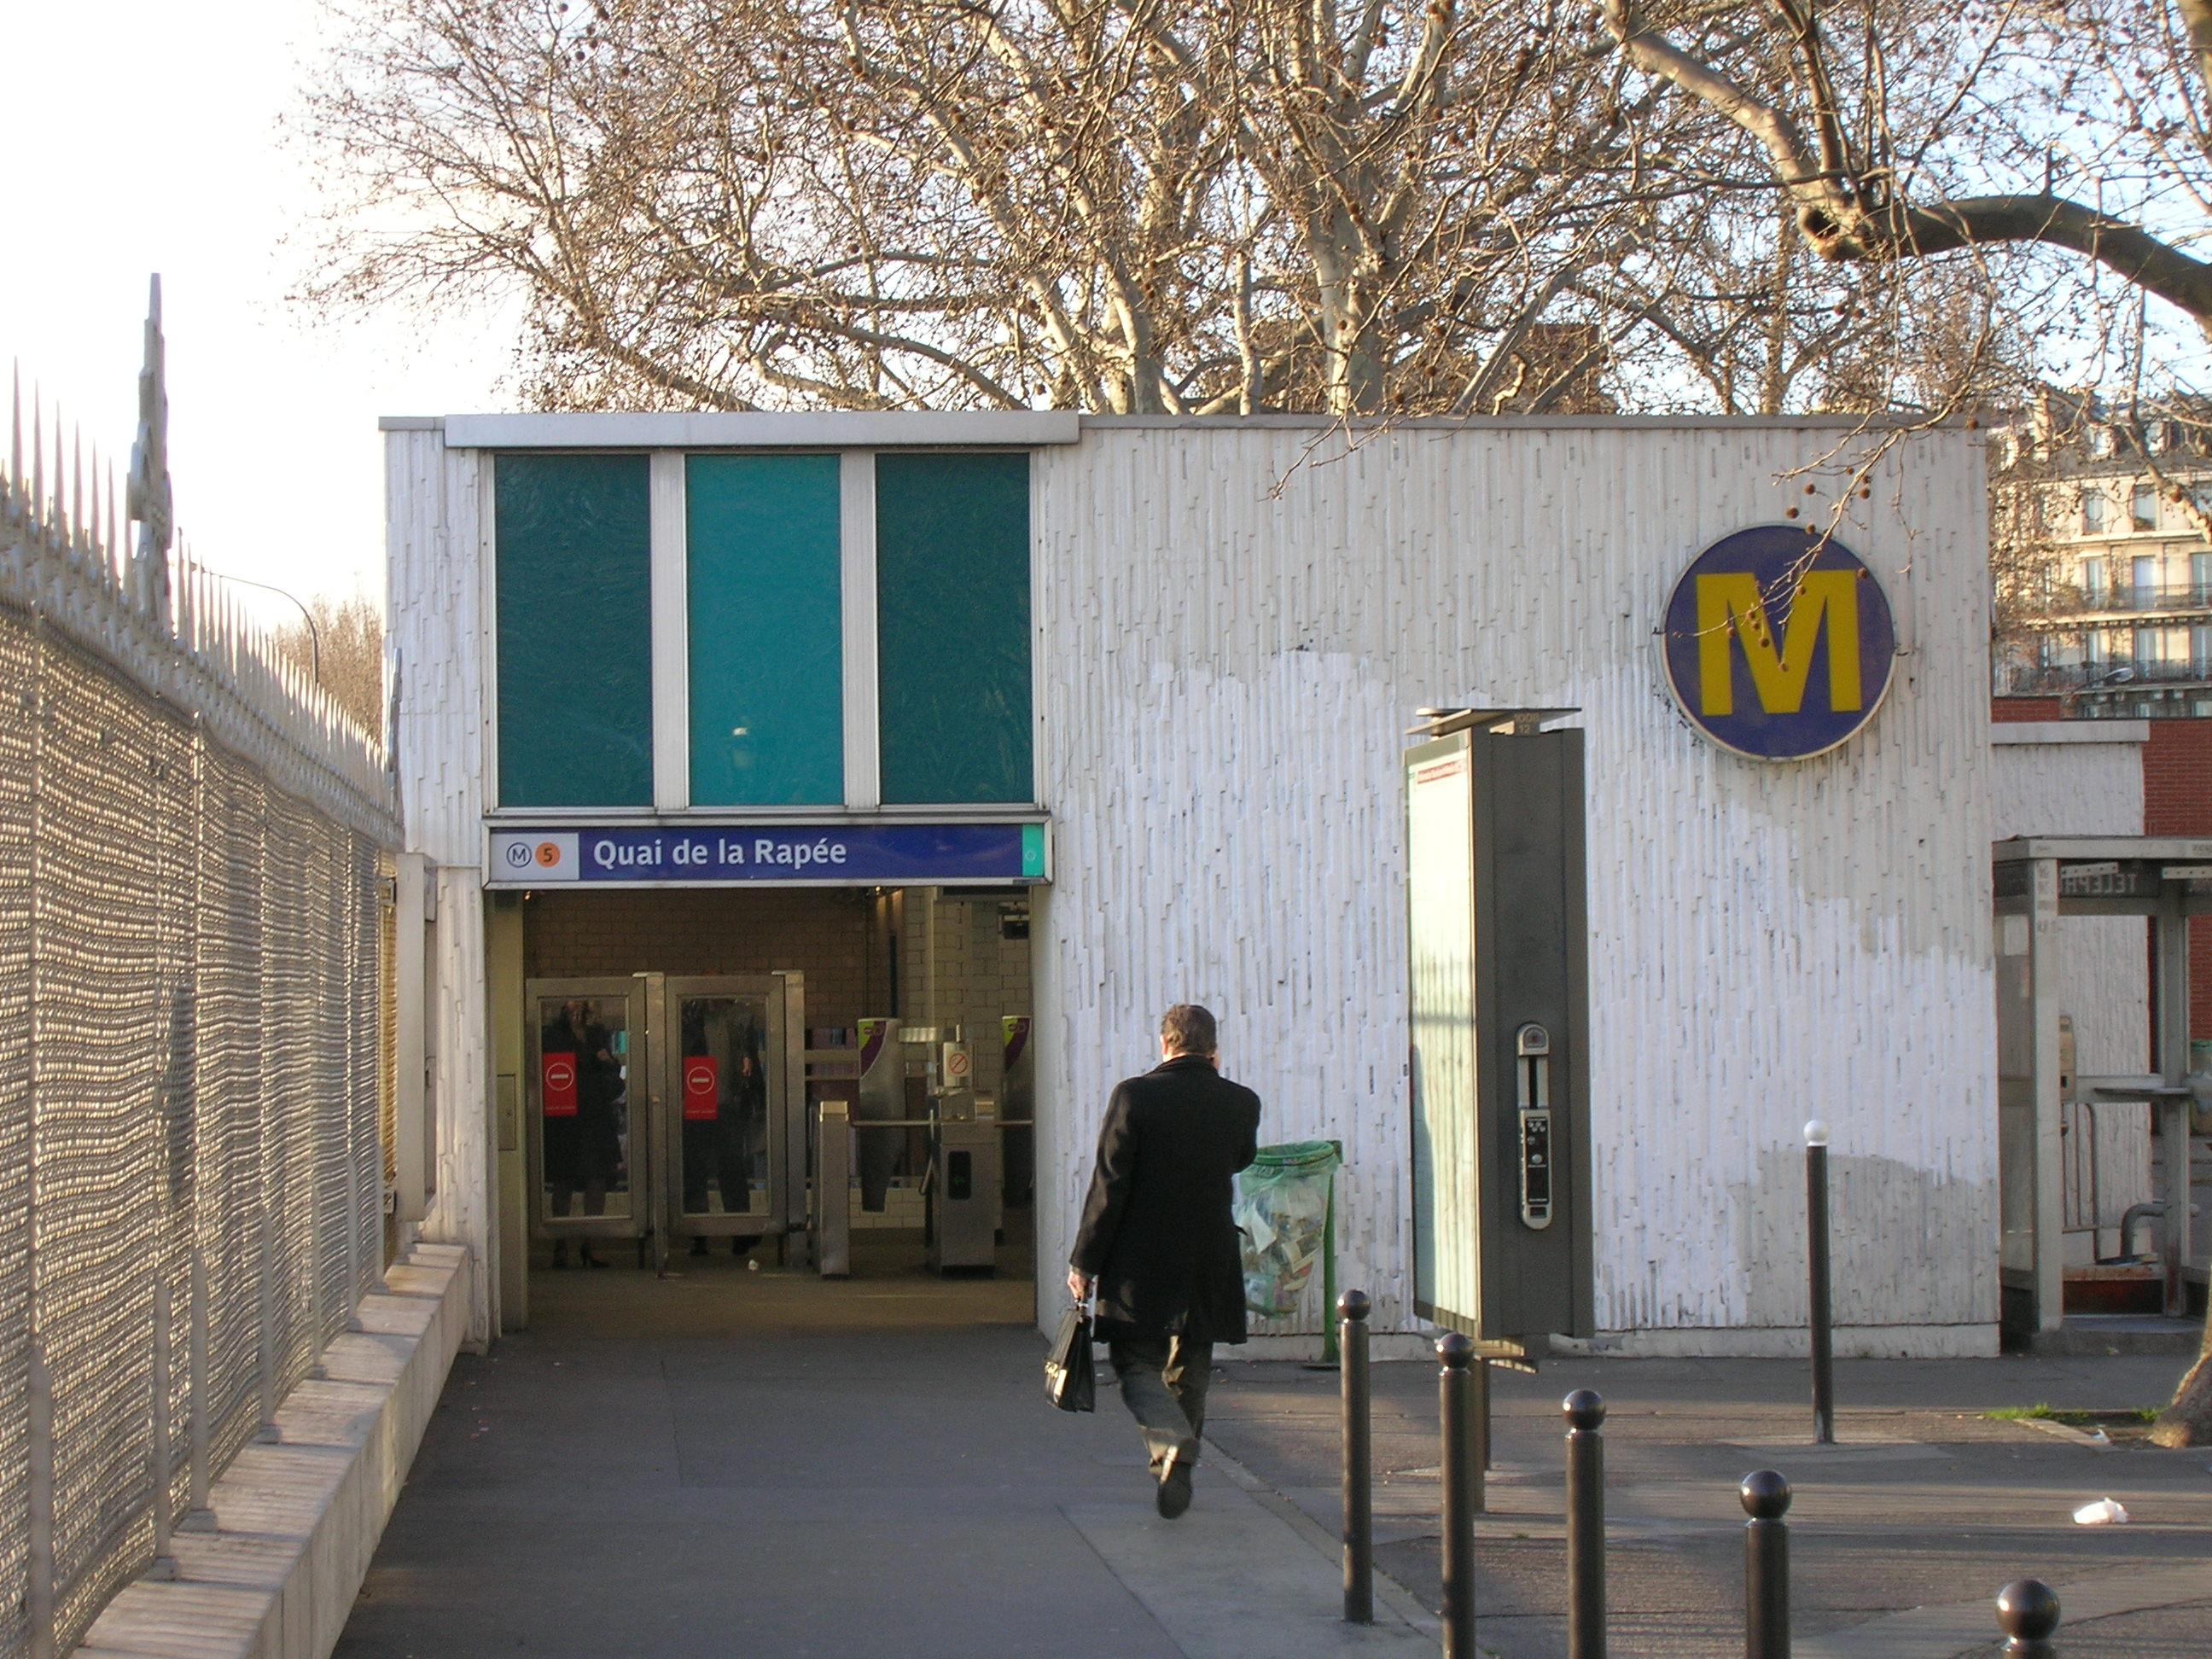 Metro 5 Quai de la Rapee ext.JPG